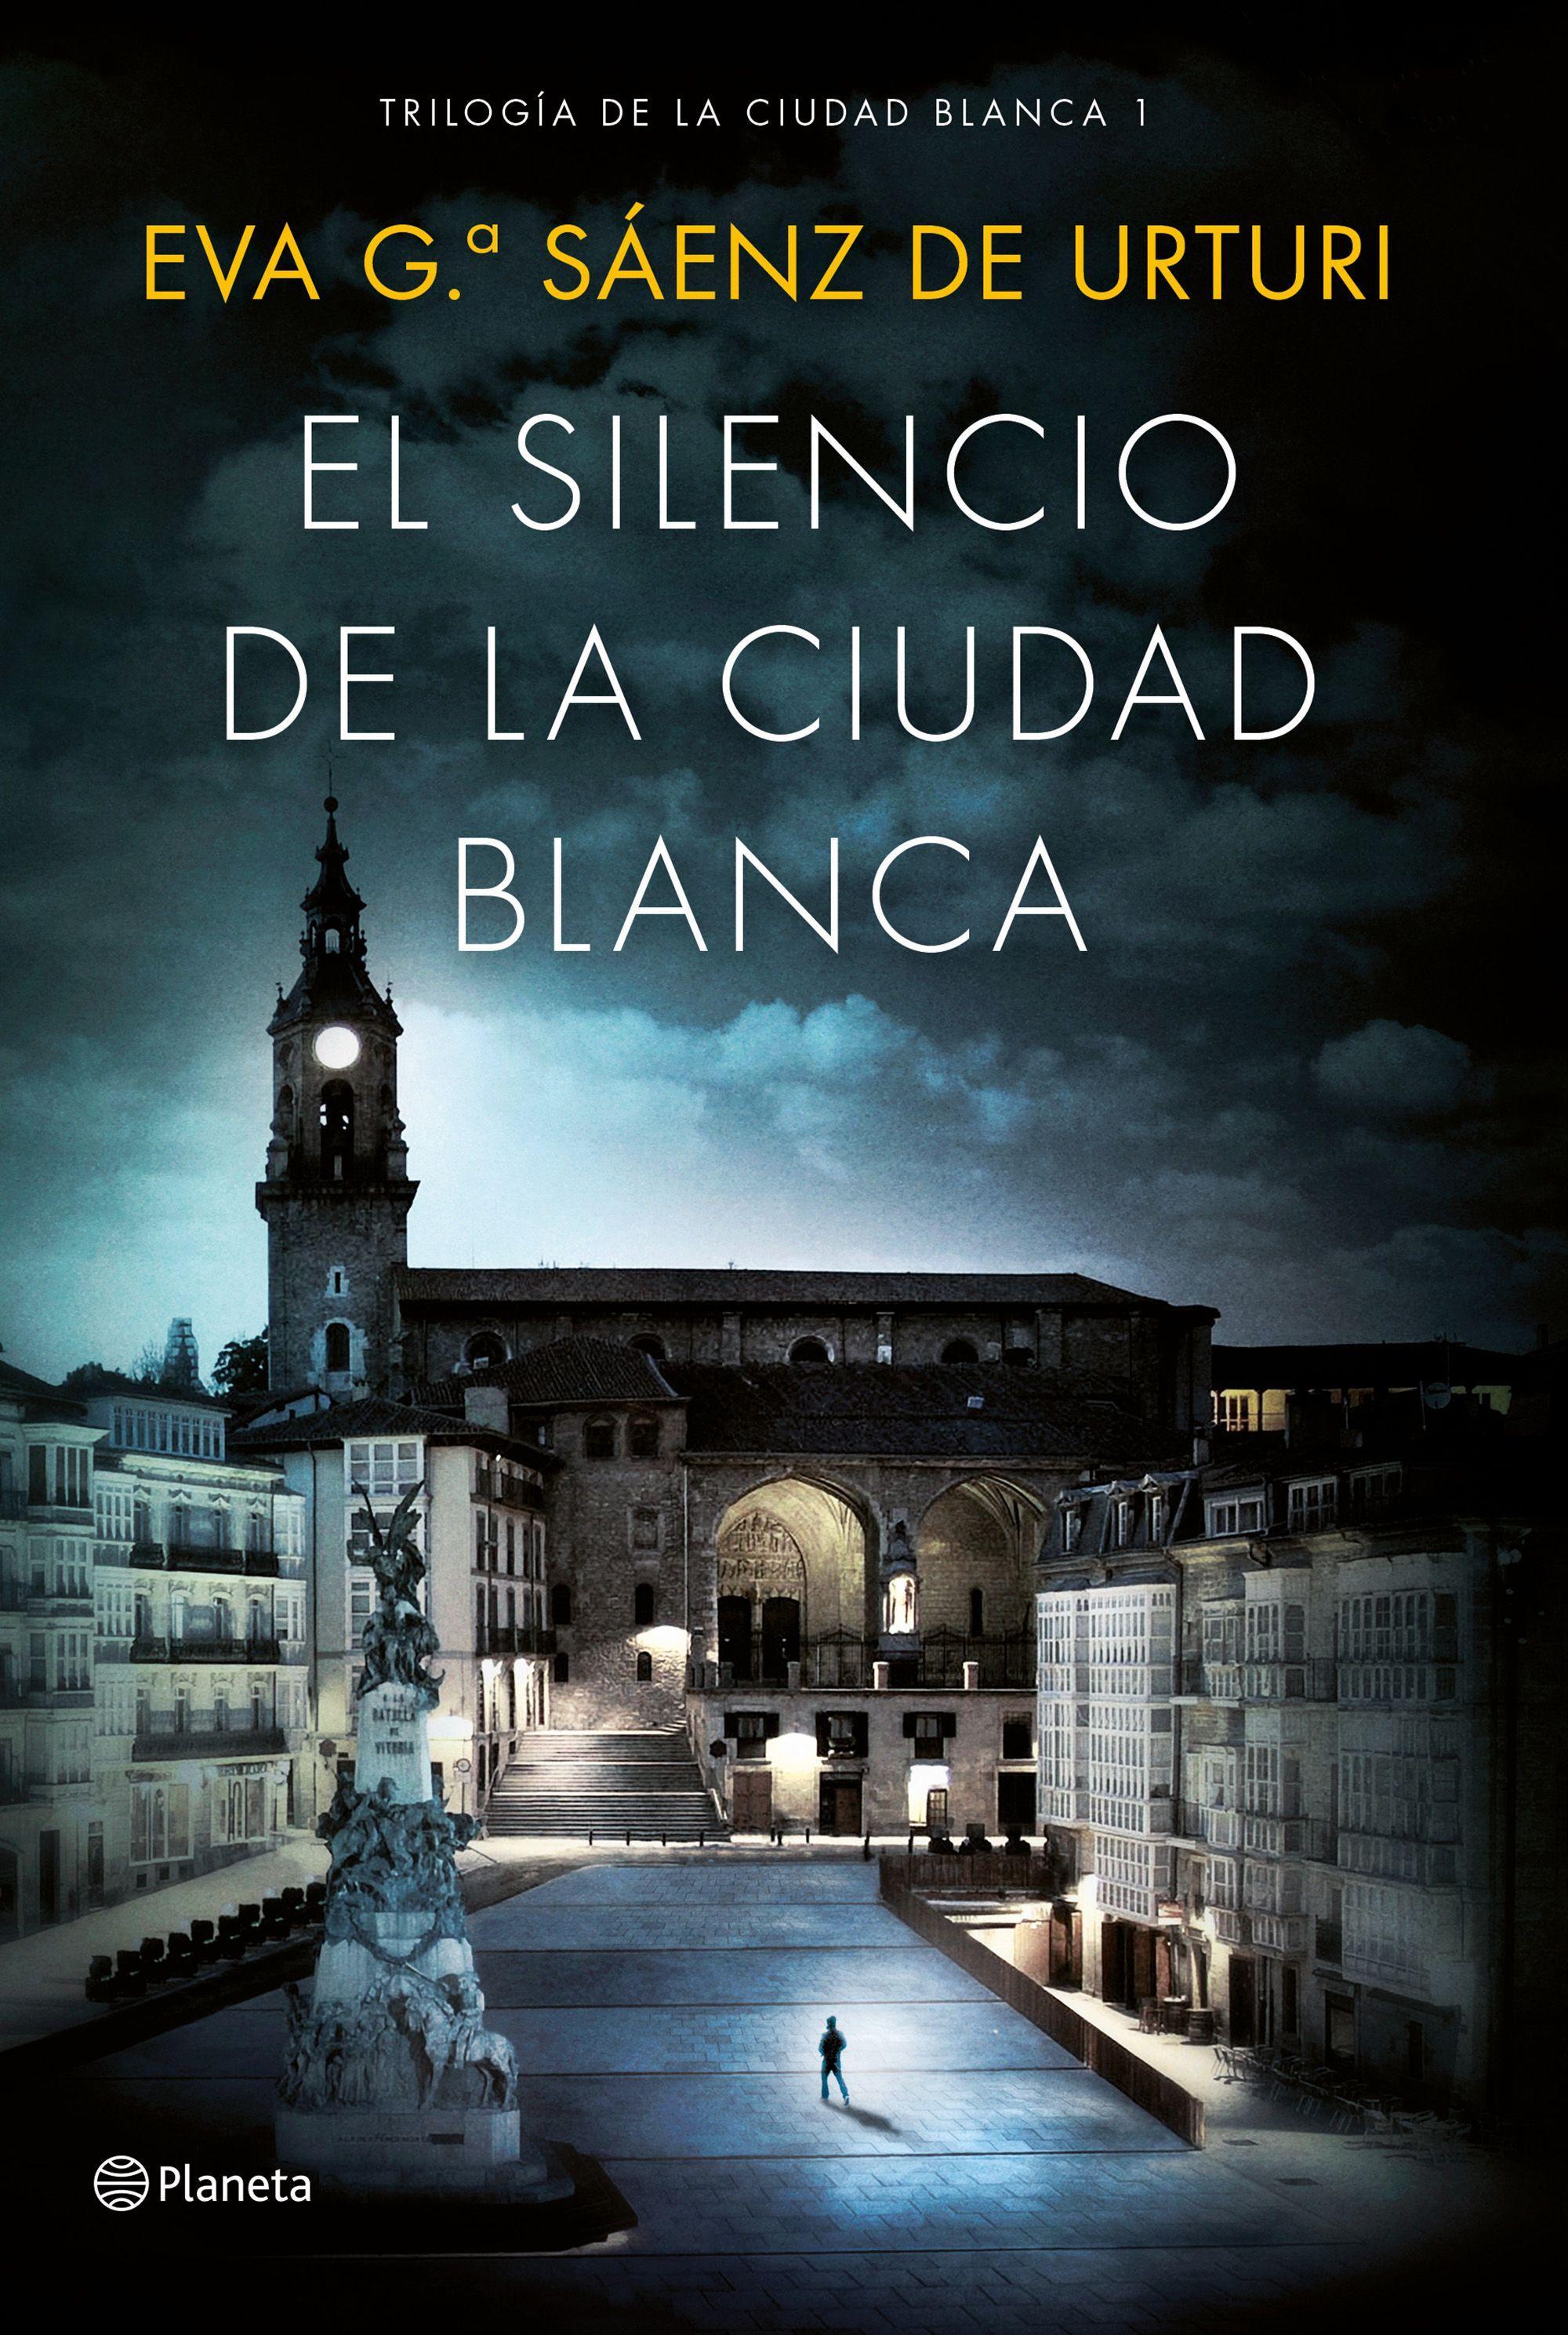 Ampliar. Editorial: Planeta; Temática: Novela negra | Thriller; Colección:  La Trilogía de la Ciudad Blanca